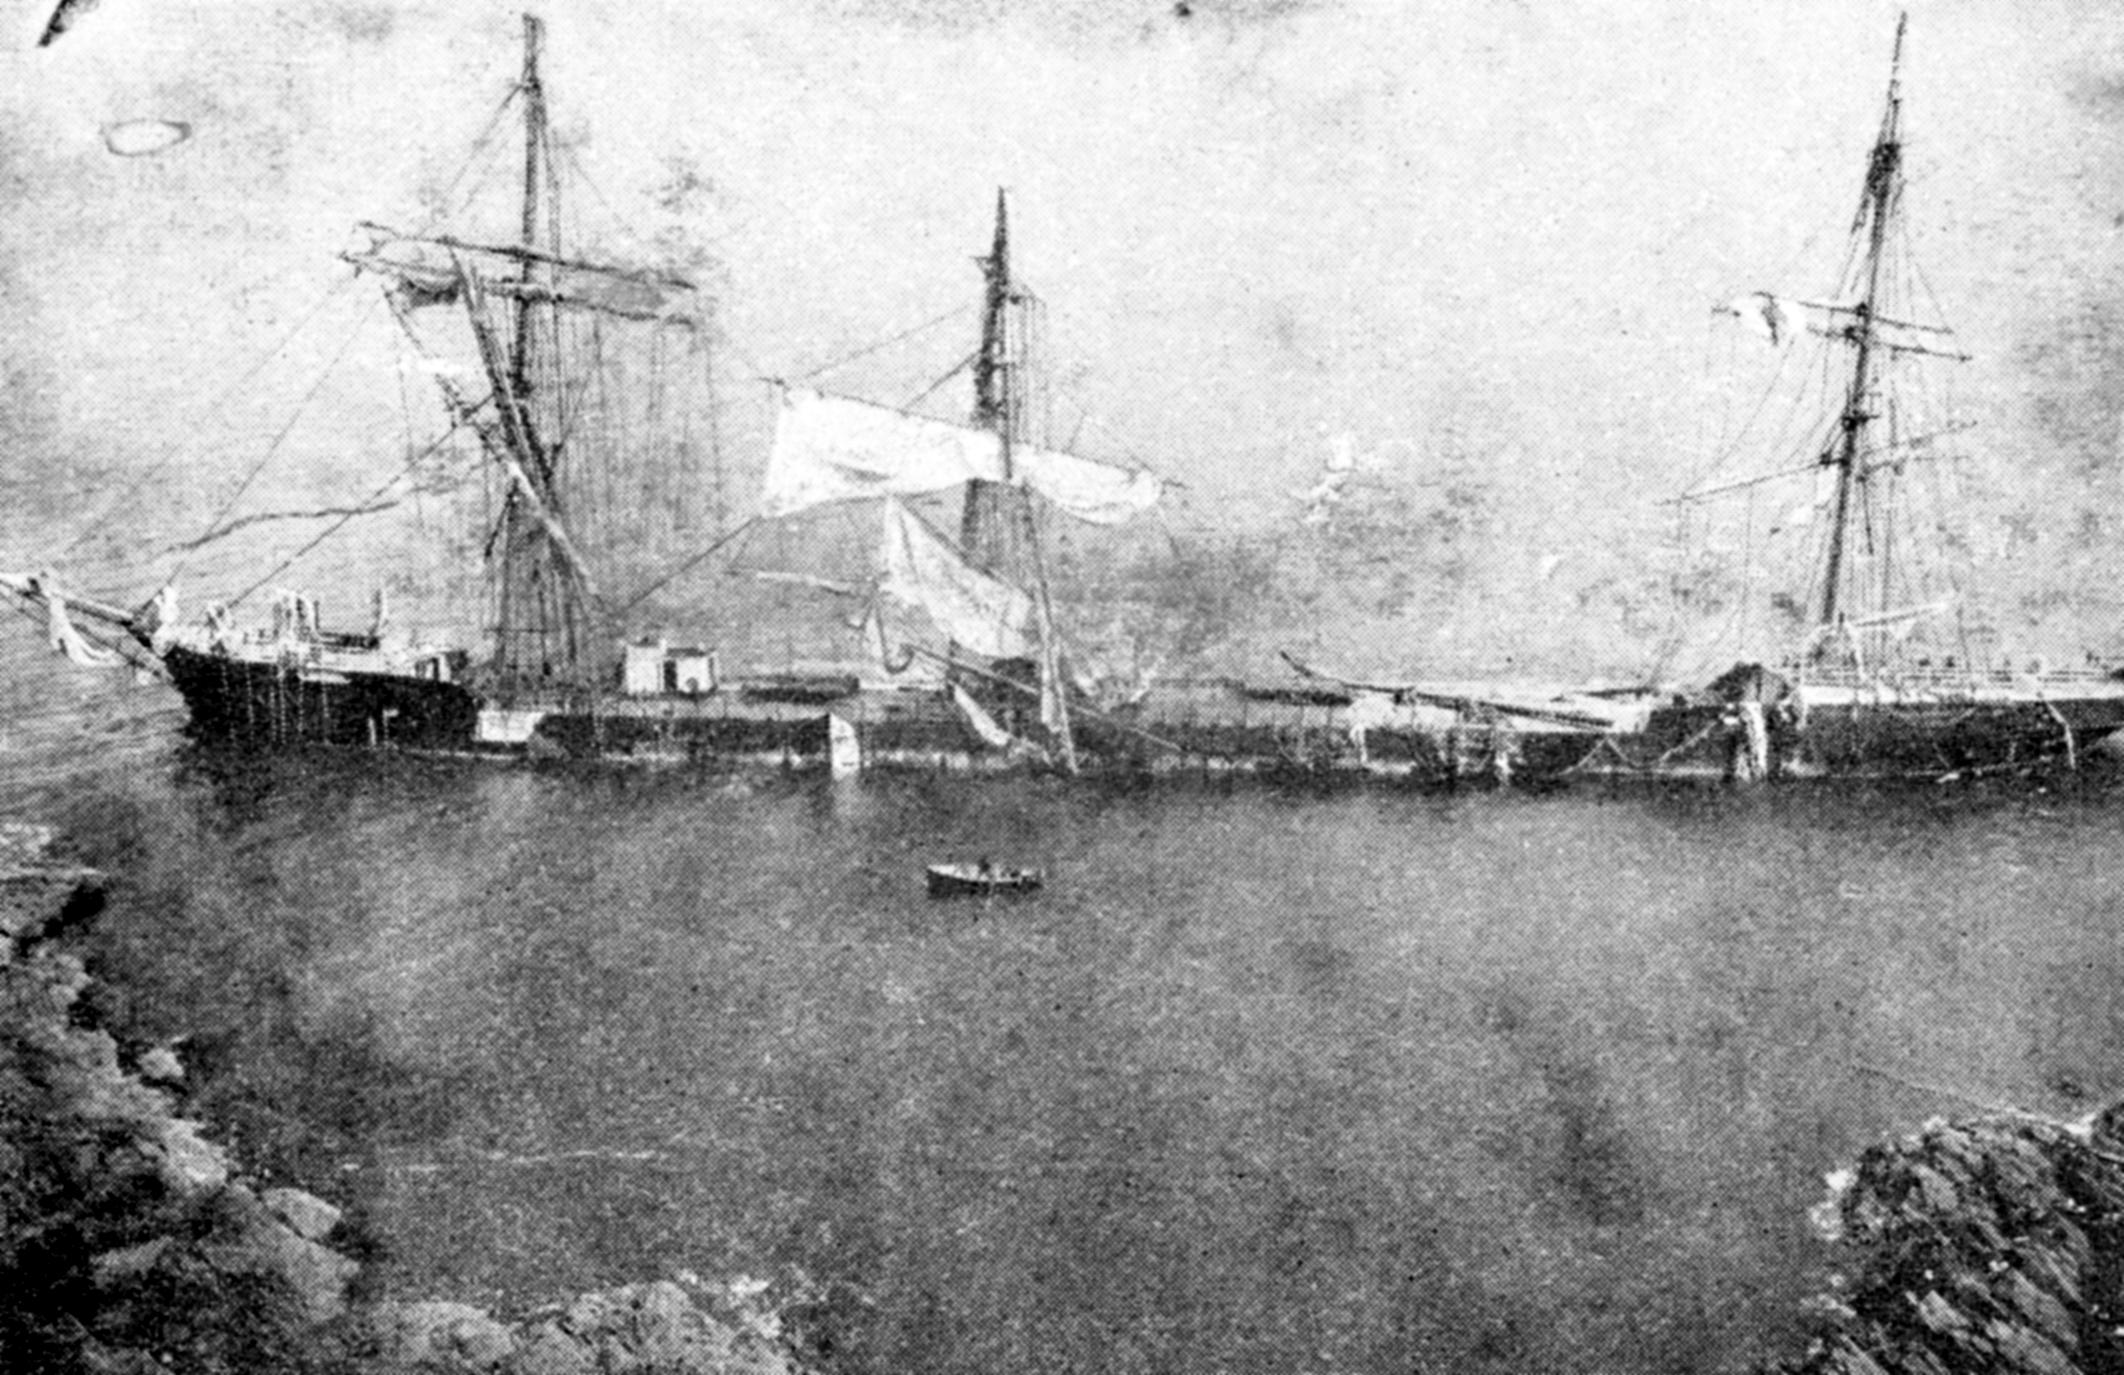 Bay_of_Panama_(ship,_1883)_-_SLV_H99.220-606.jpg